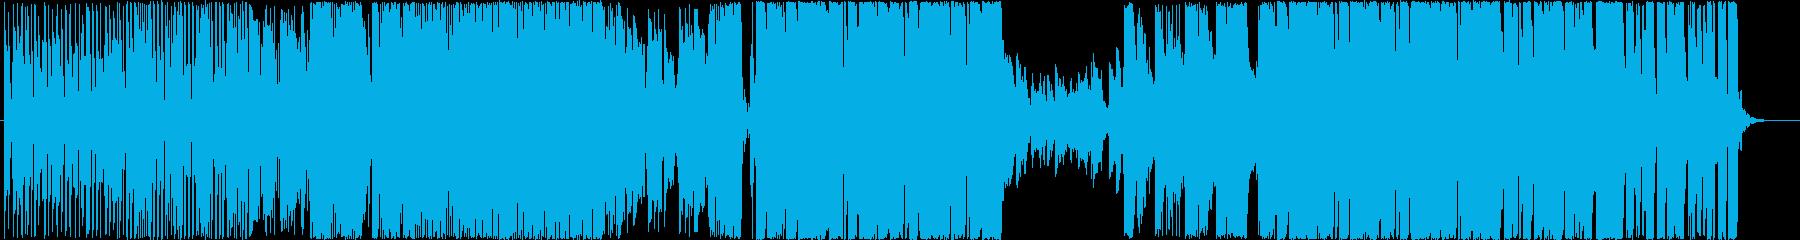 歌◆ポップなEDMの洋楽風男性ボーカルの再生済みの波形